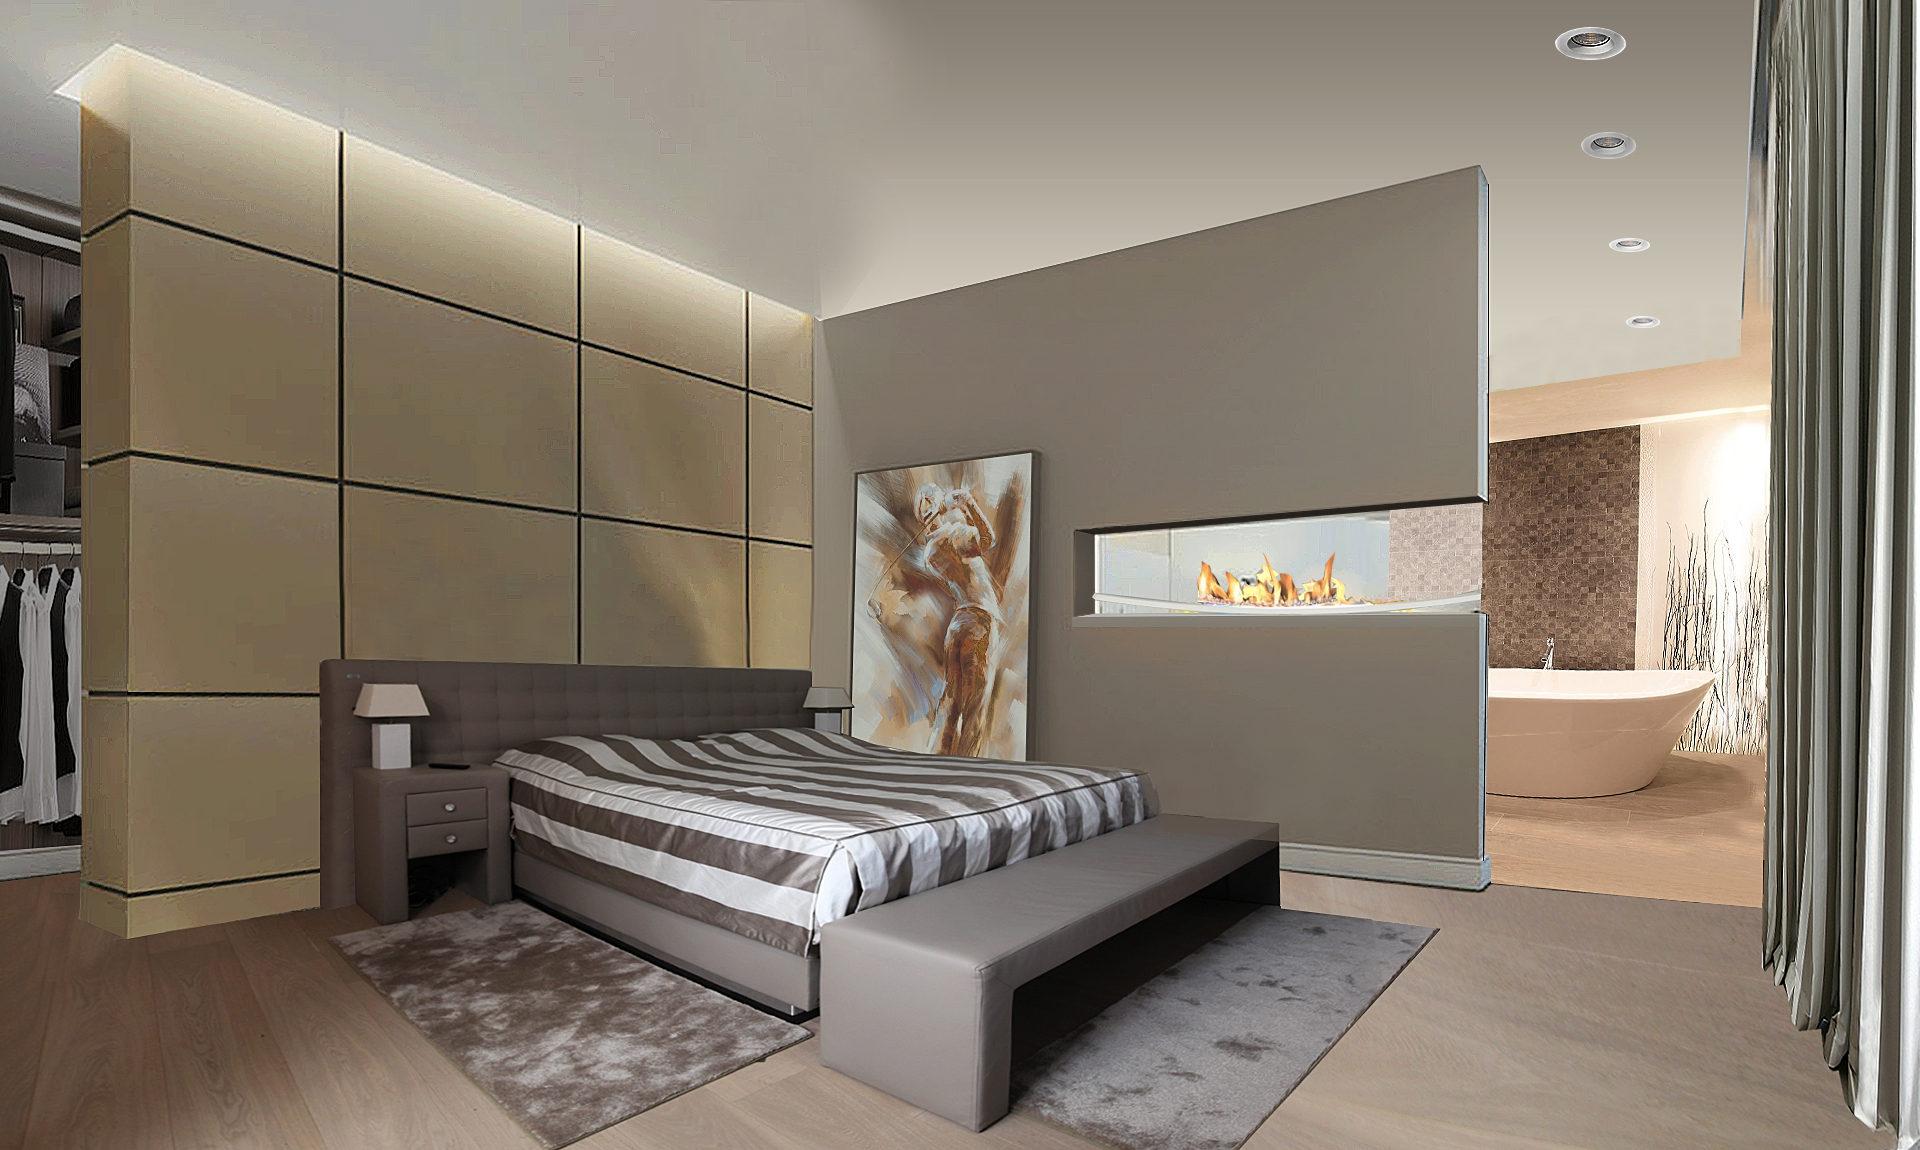 Aménagement complet d'interieur - Marcotte Style